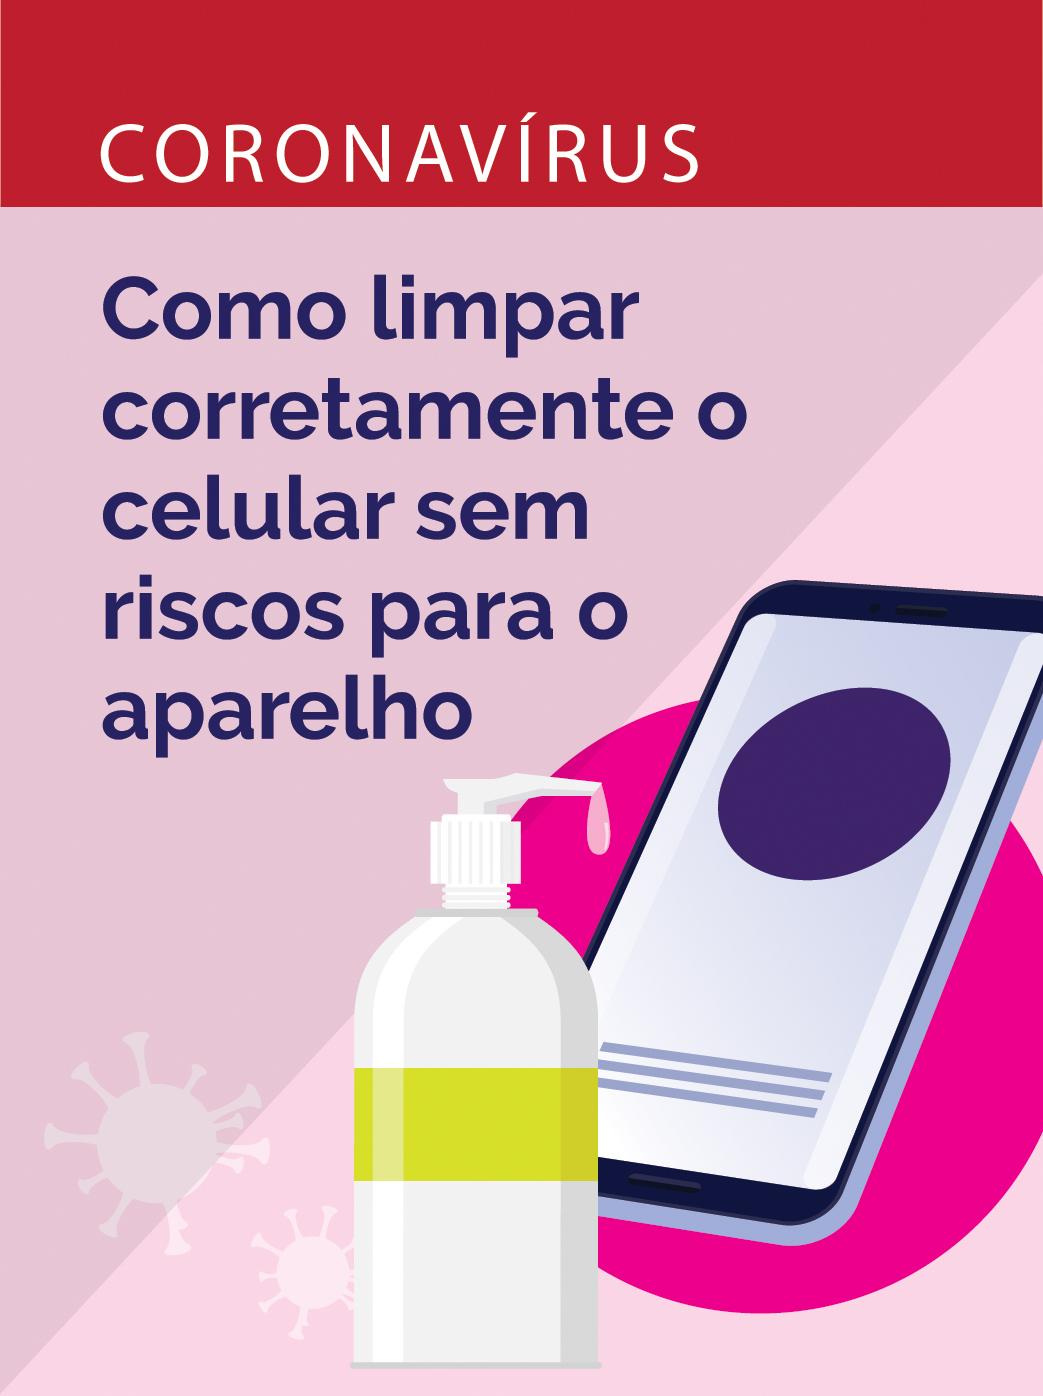 Limpe o celular